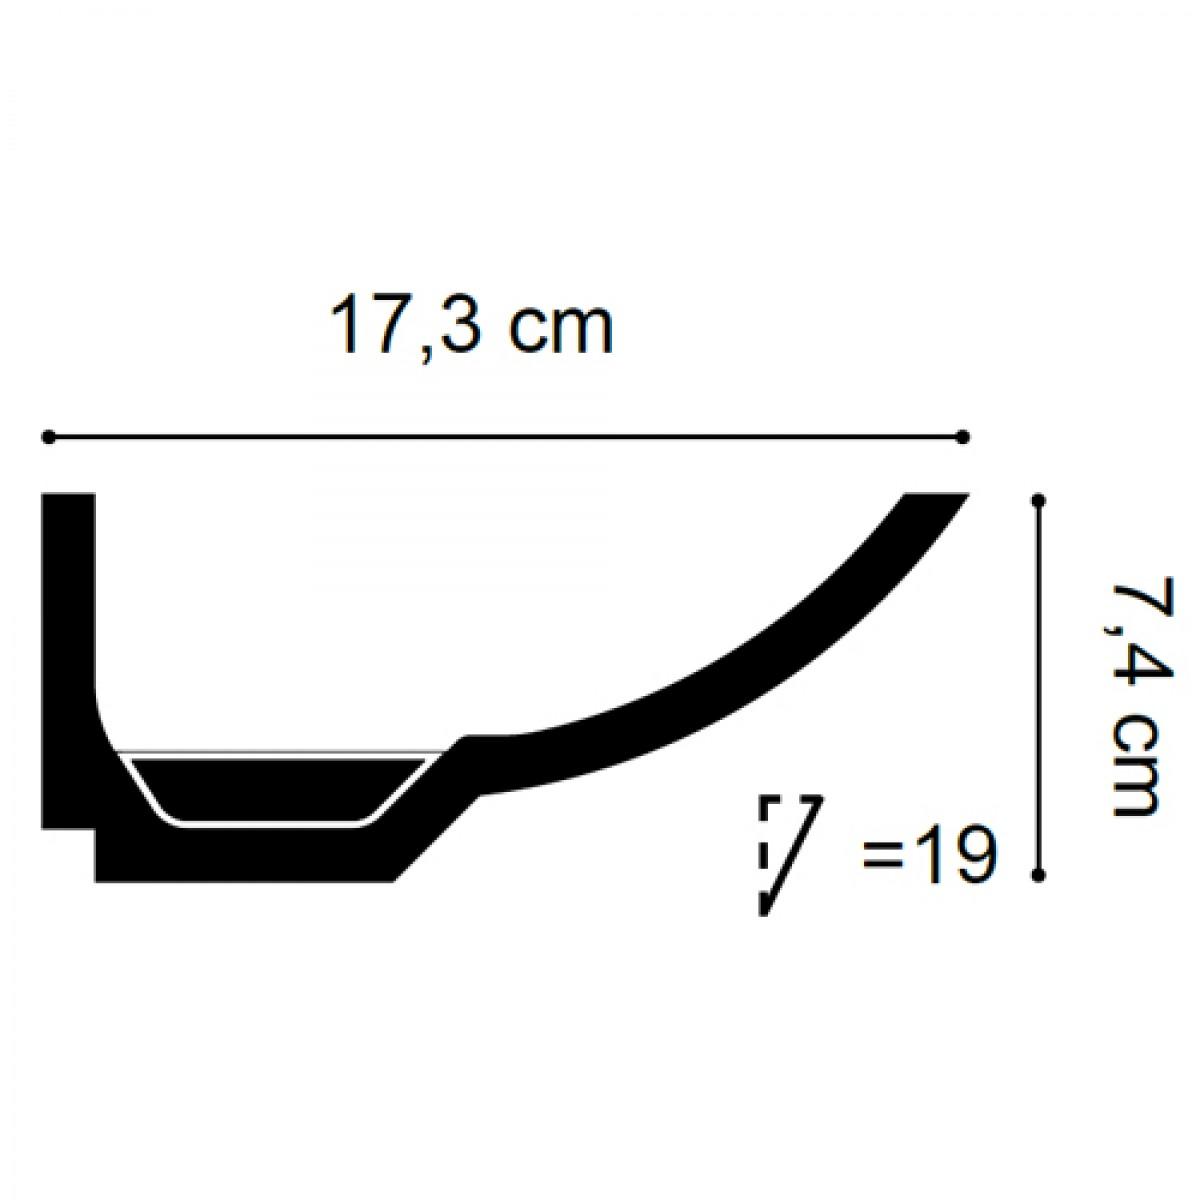 Cornisa Luxxus C351, Dimensiuni: 200 X 7.4 X 17.3 cm, Orac Decor